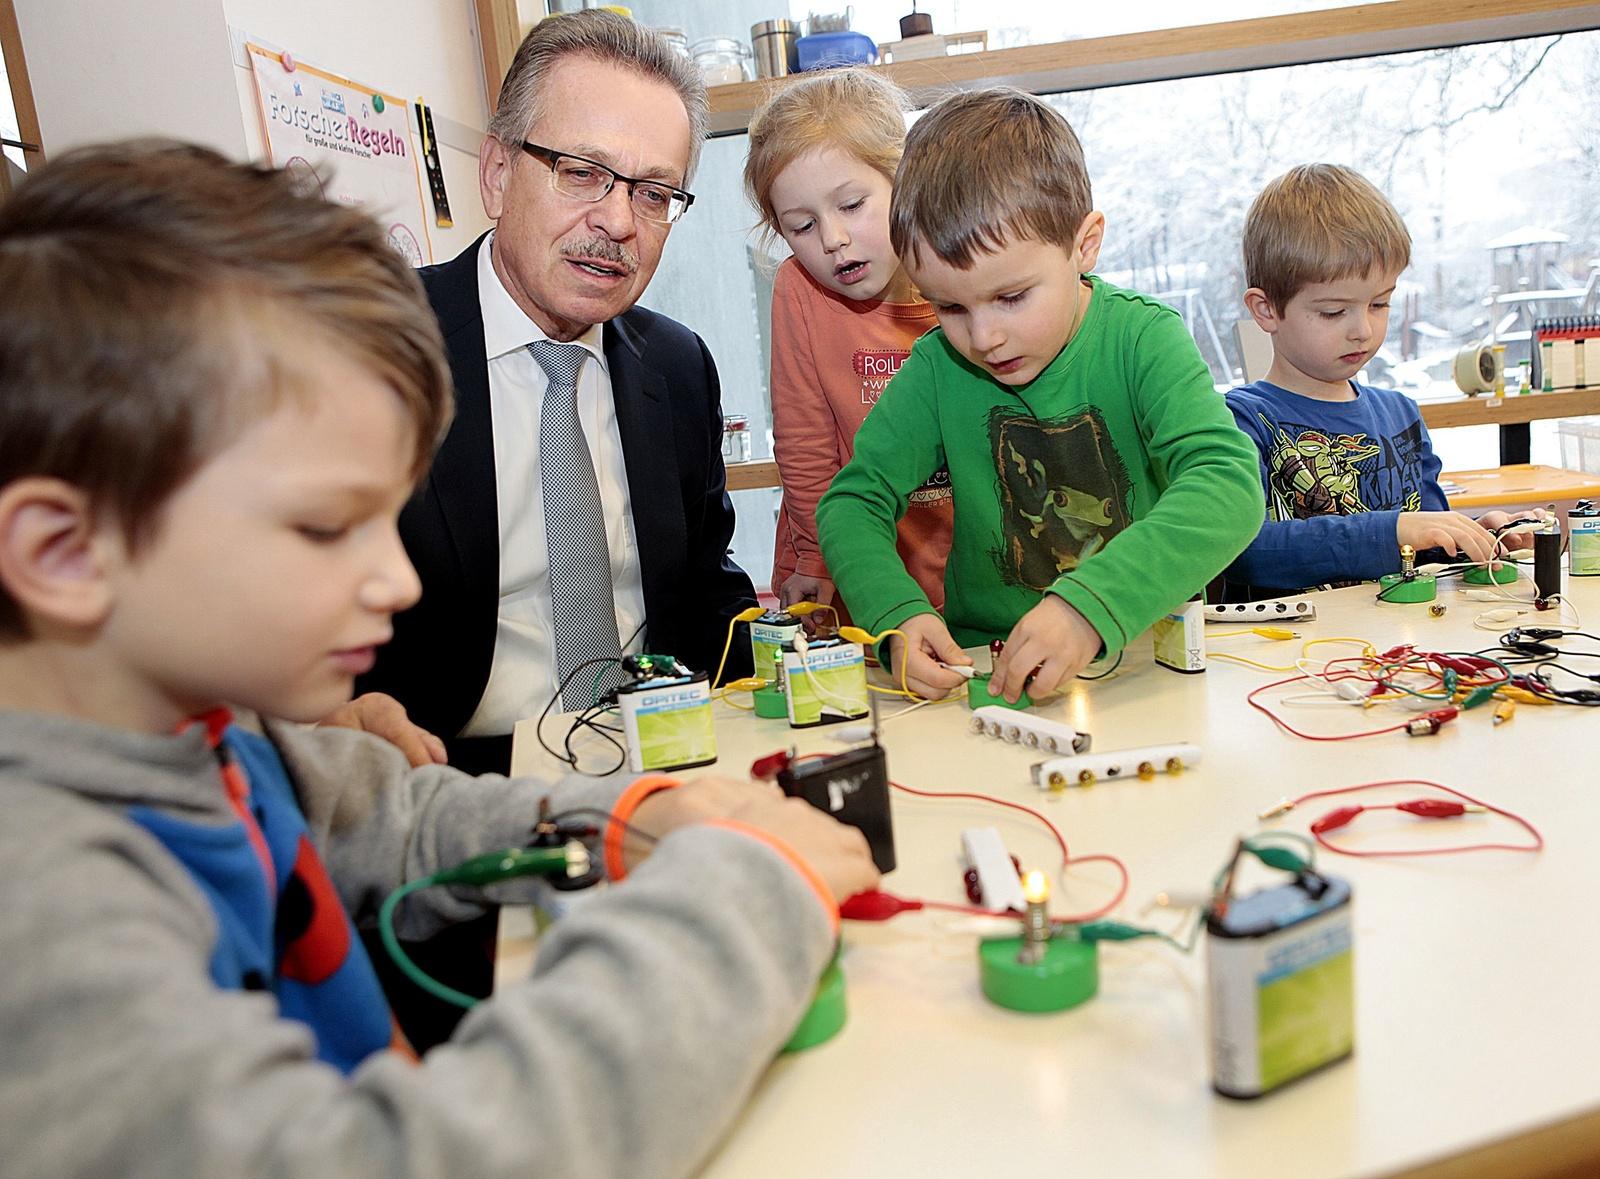 Franz Fehrenbach with children (Wissensfabrik)